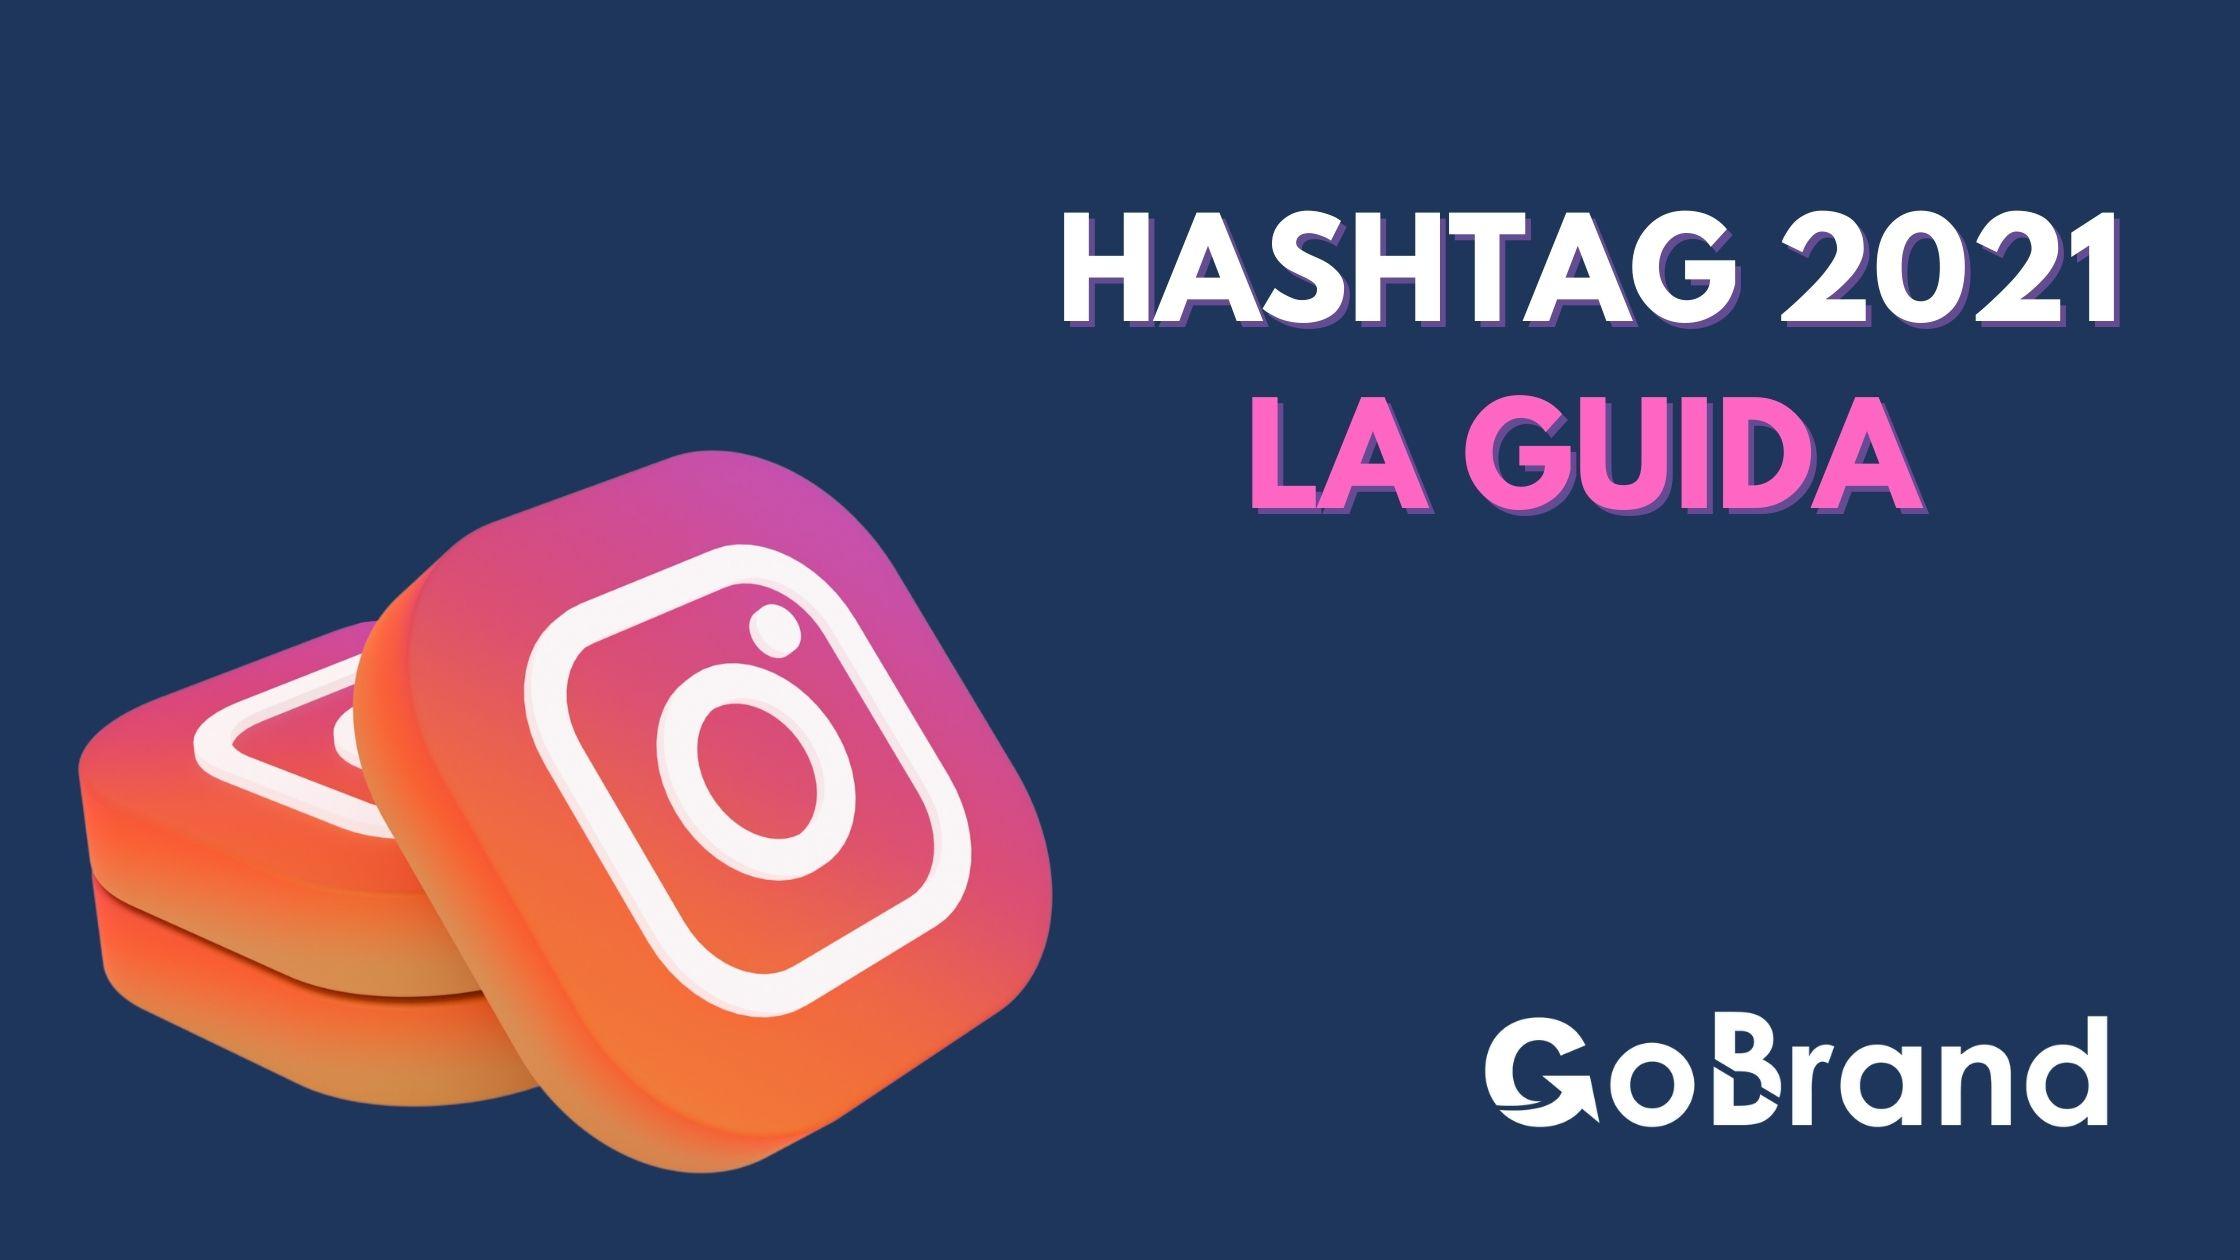 Hashtag Instagram la guida 2021 (1)